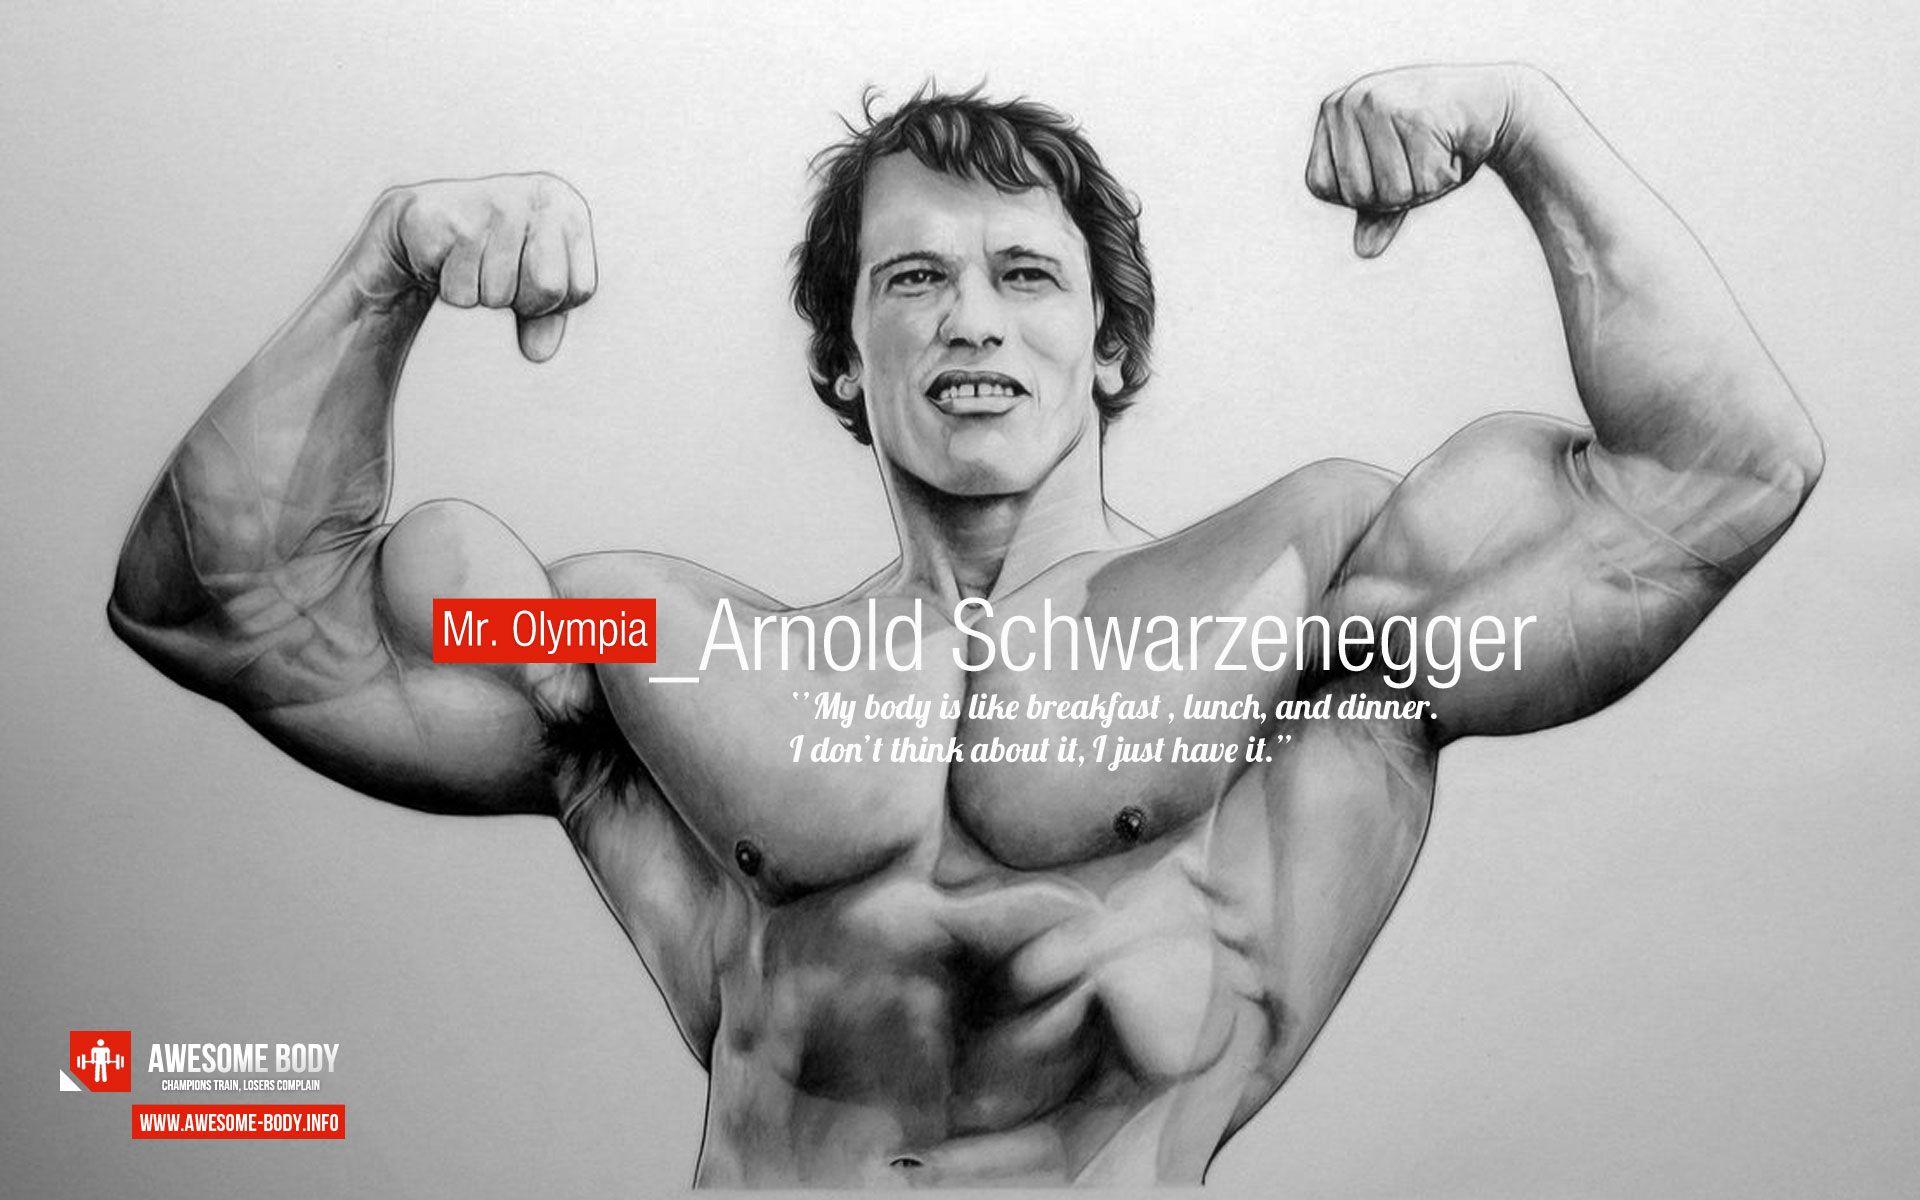 Arnold Schwarzenegger Motivational Poster Awesome Body Arnold Schwarzenegger Schwarzenegger Arnold Schwarzenegger Bodybuilding